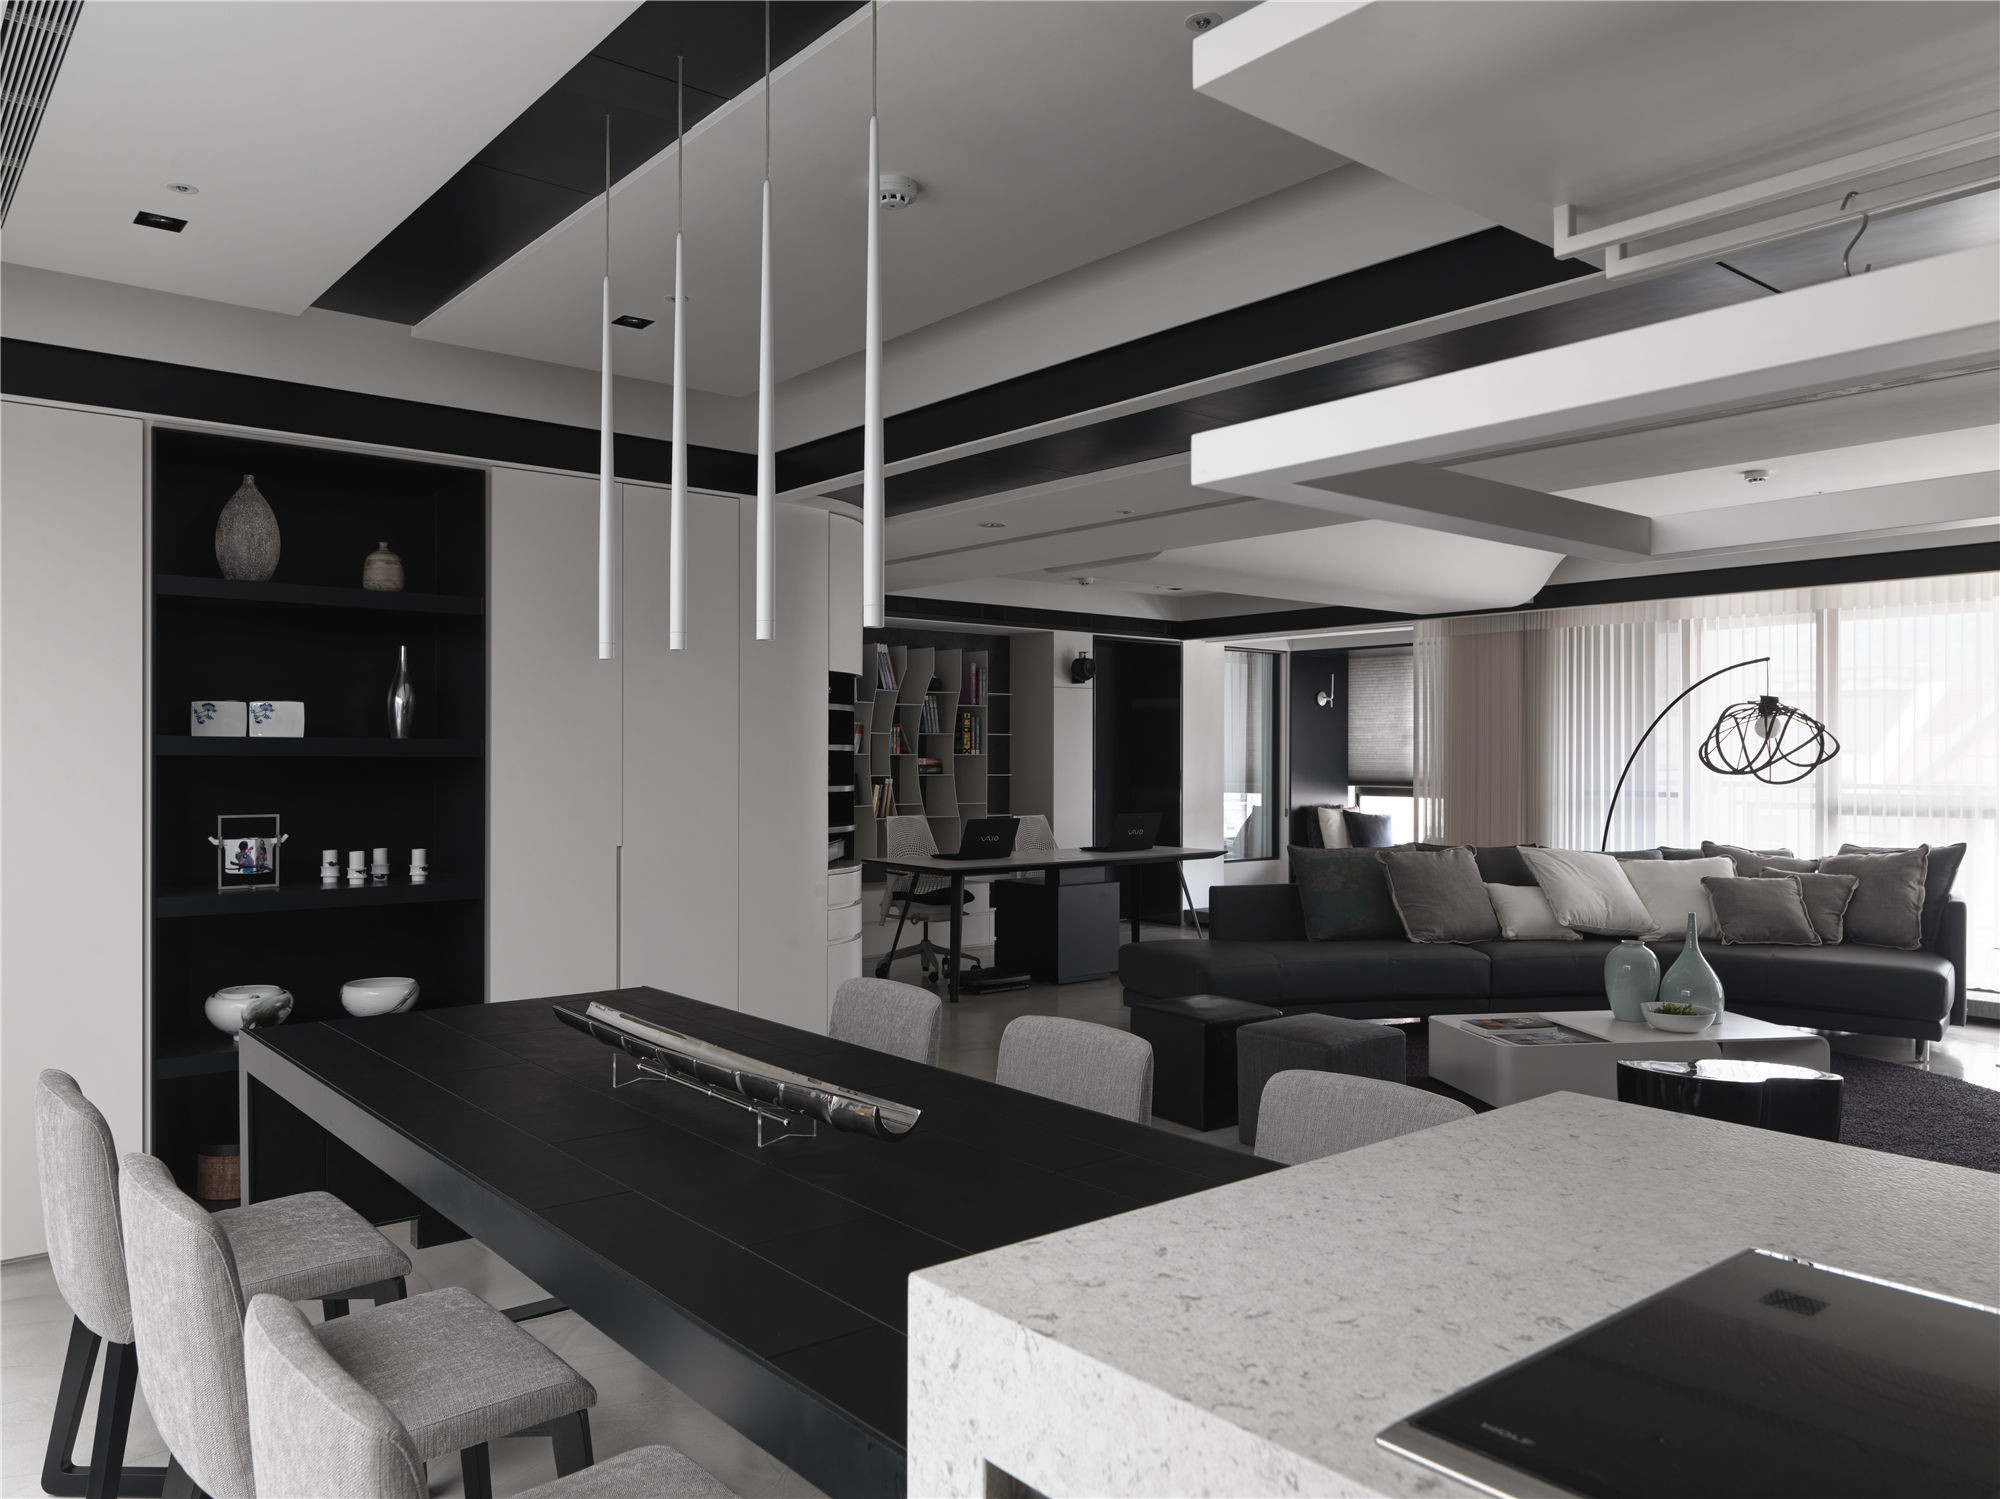 黑白灰现代简约空间装修吊灯设计